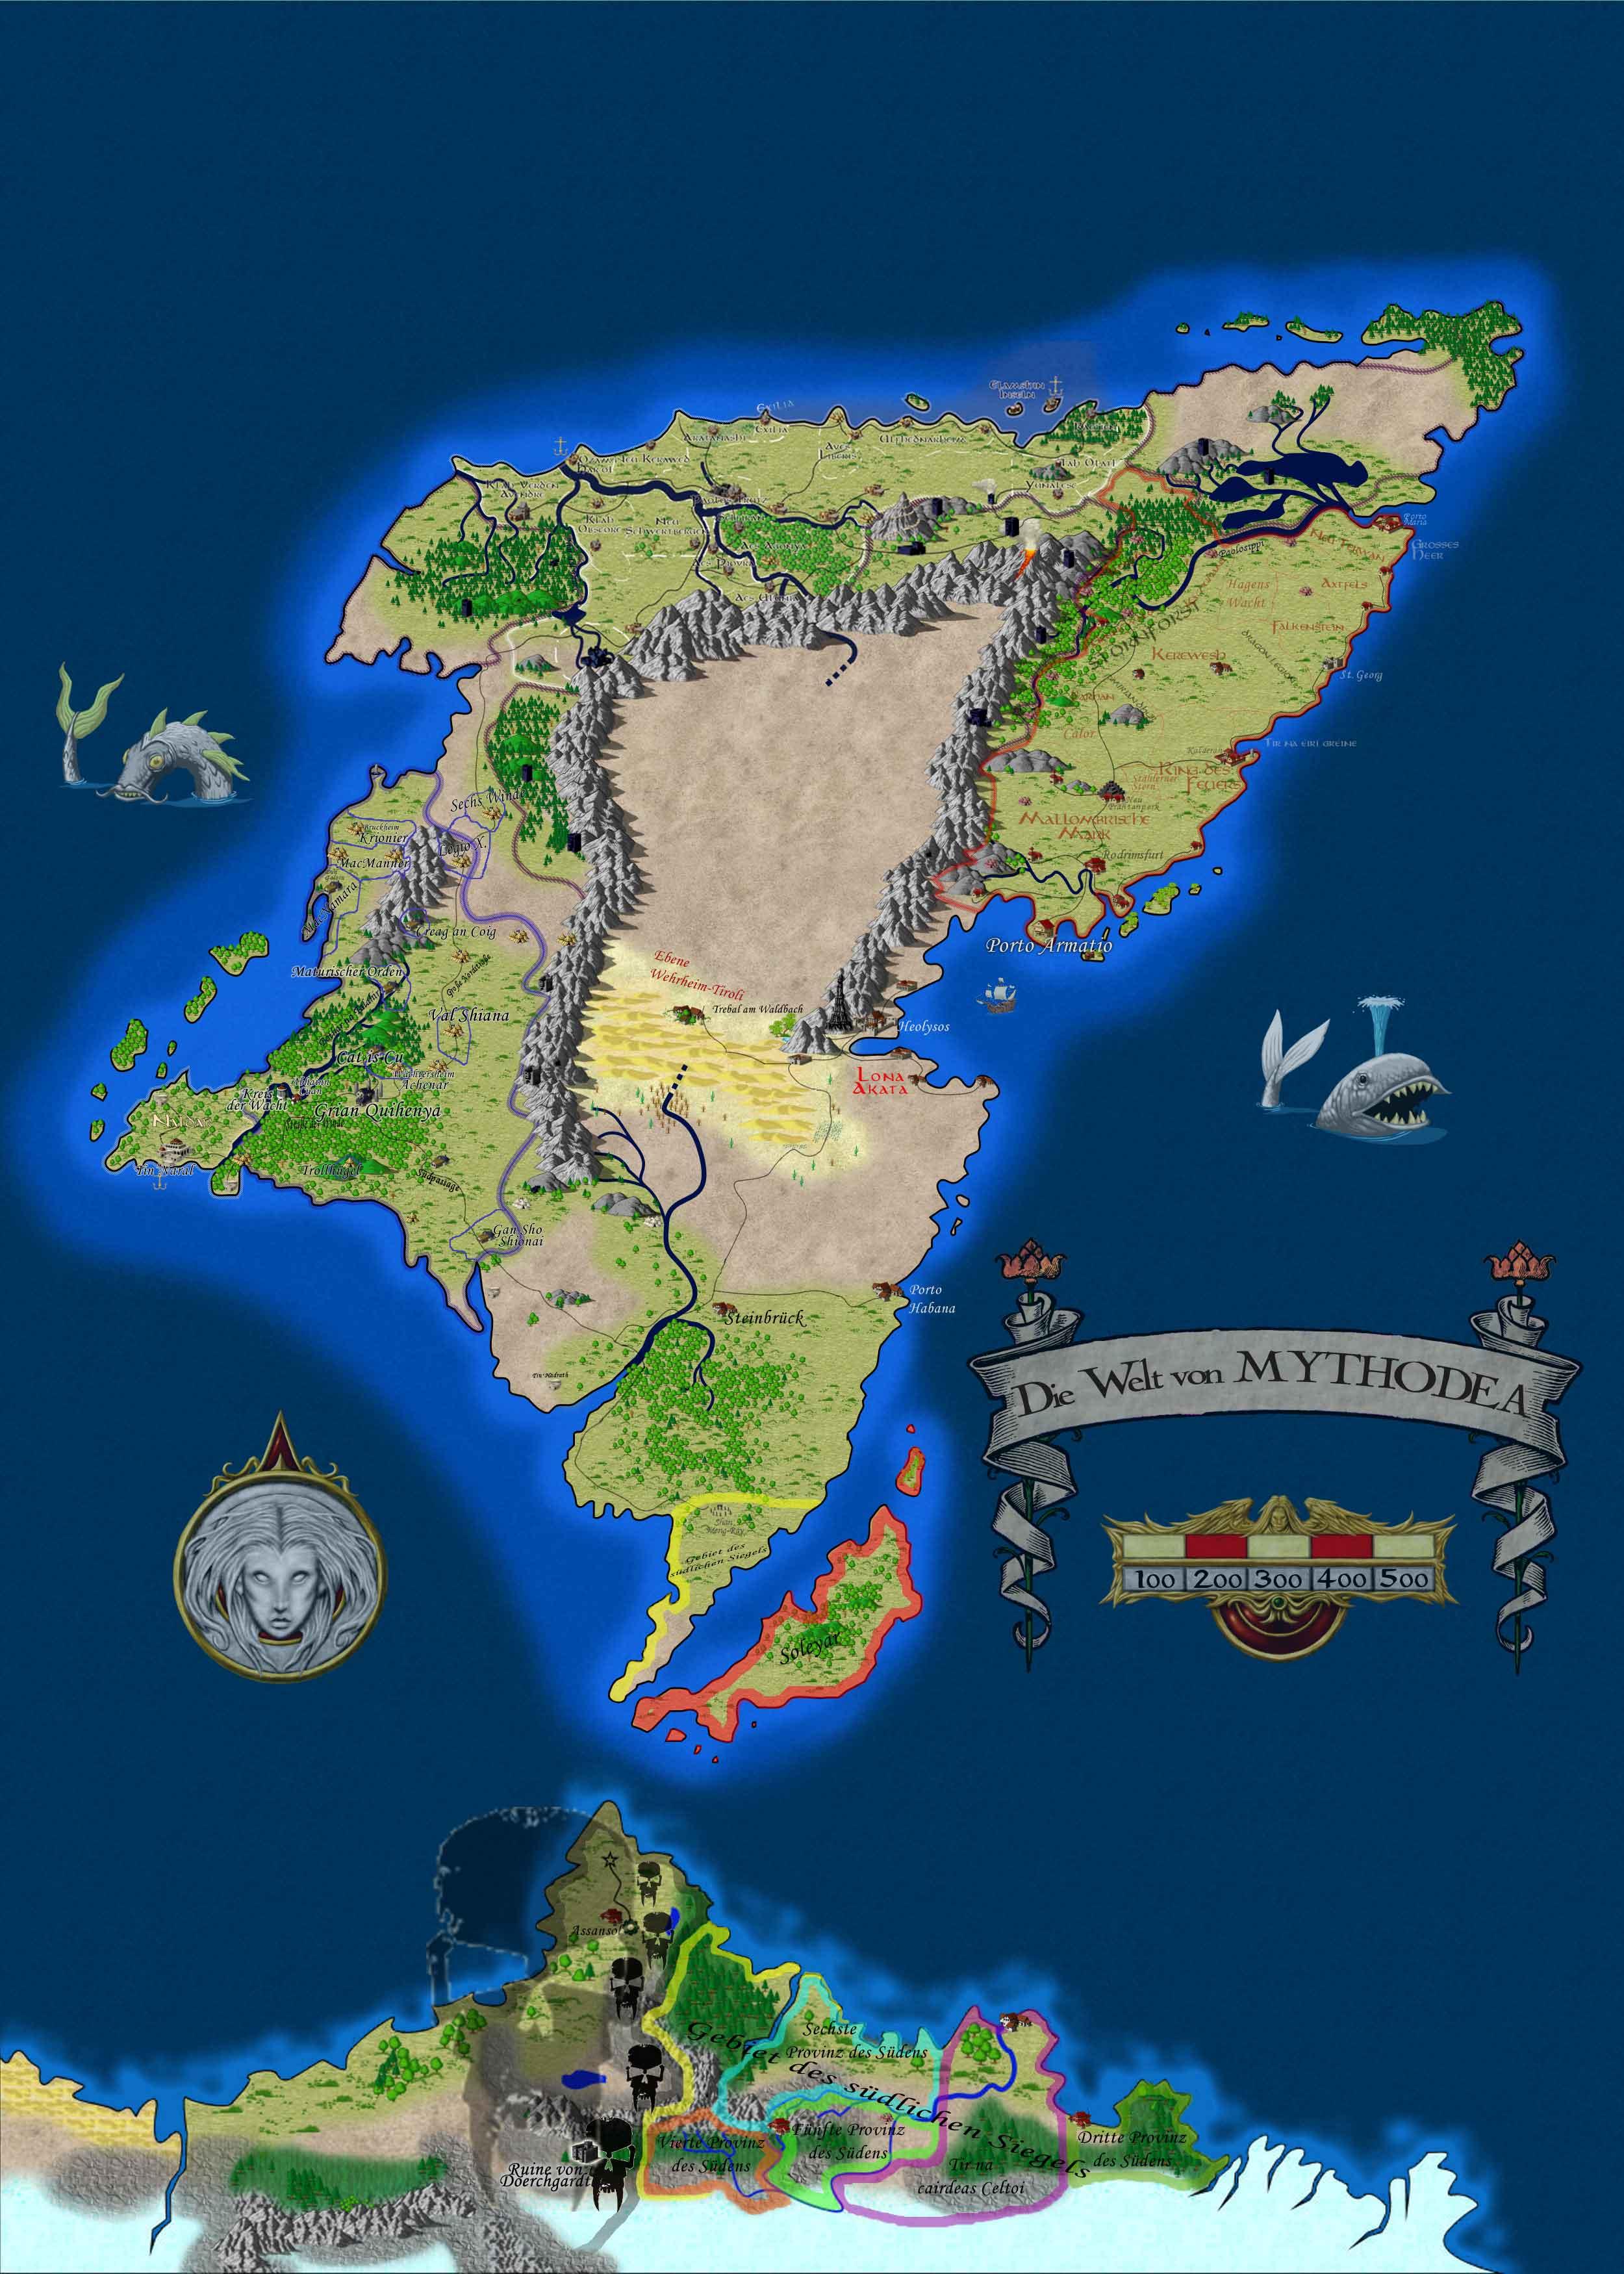 mythodea karte Live Adventure.de • Thema anzeigen   Suche Karte von Mitraspera